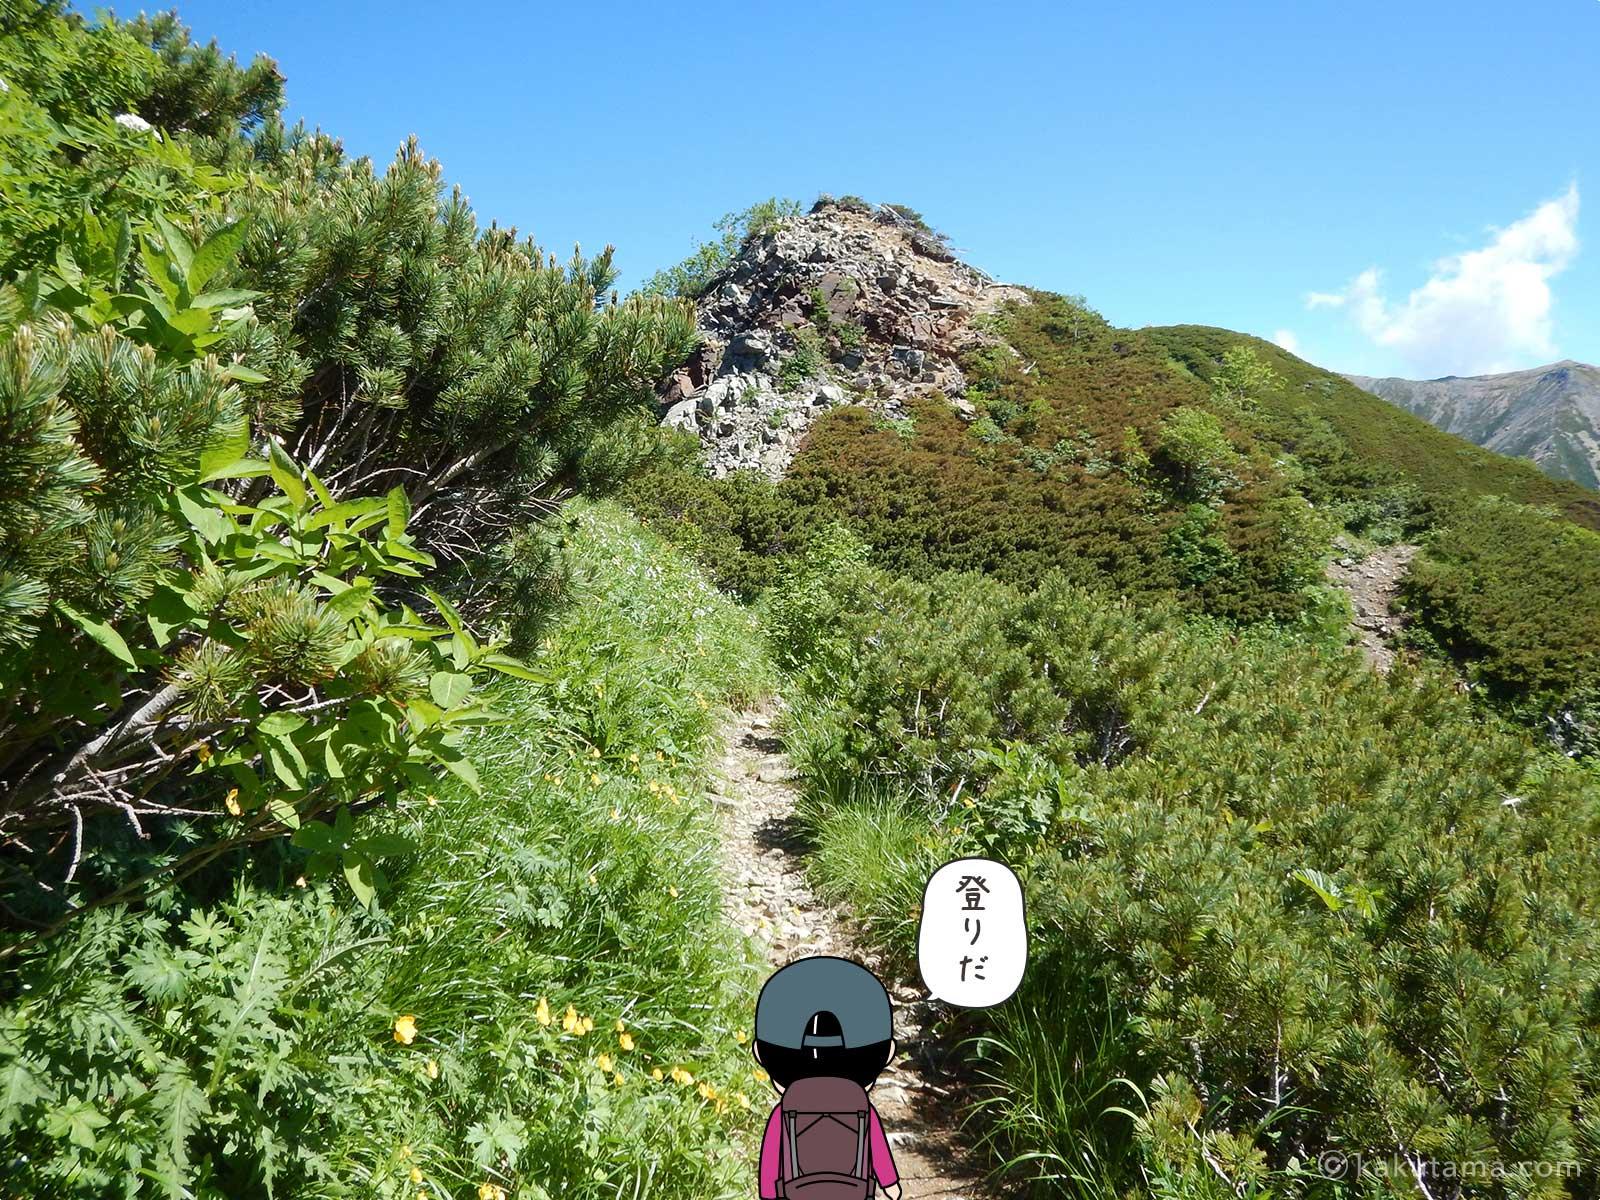 行く手に登りの岩場が見える